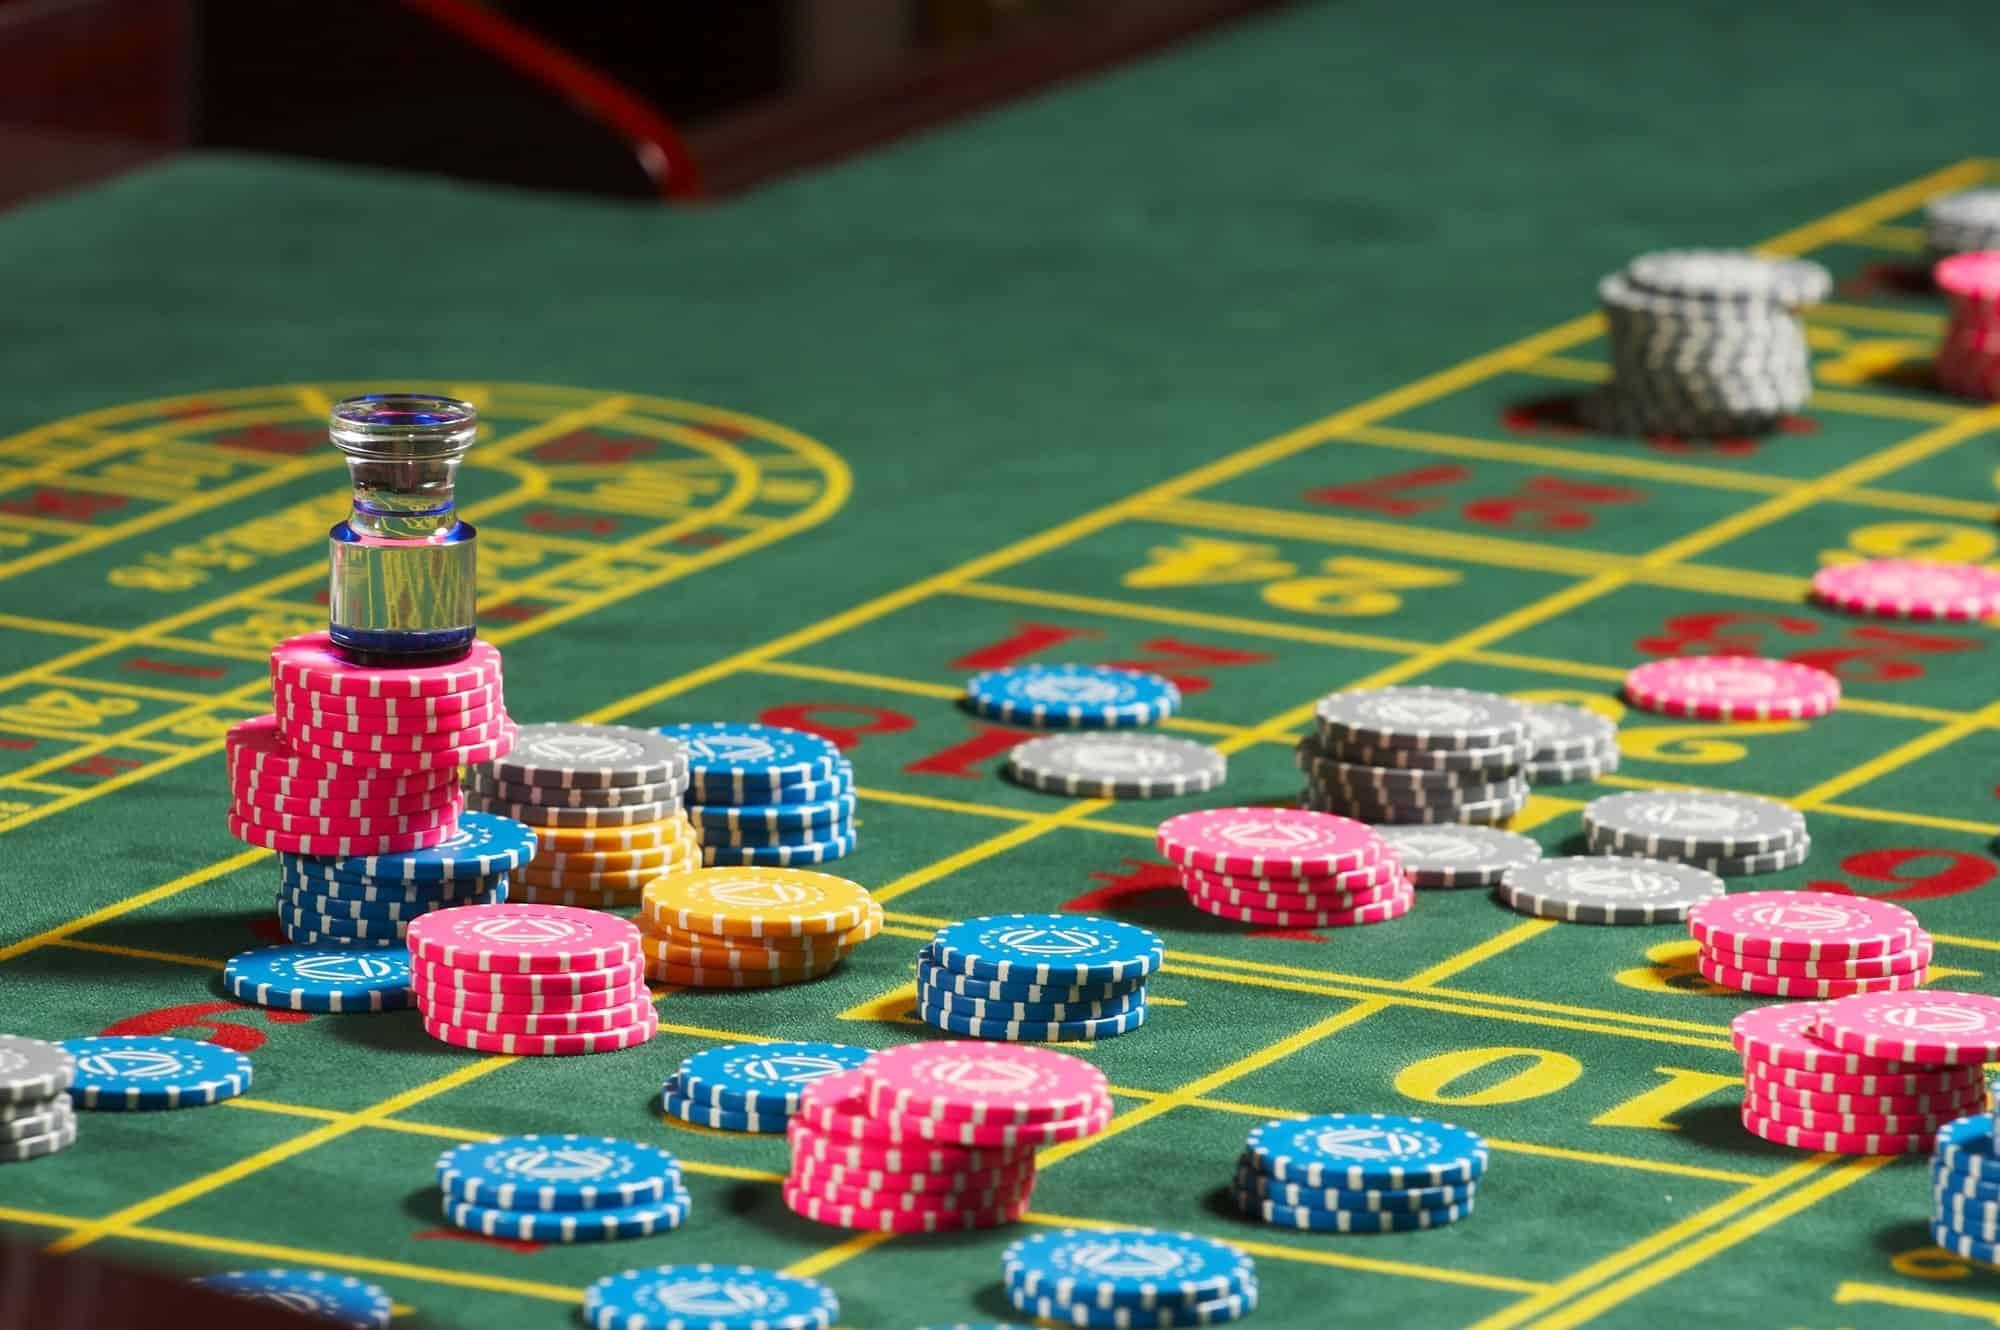 Roulette Tafel Kopen : Mooie roulette tips om direct te winnen van het online casino